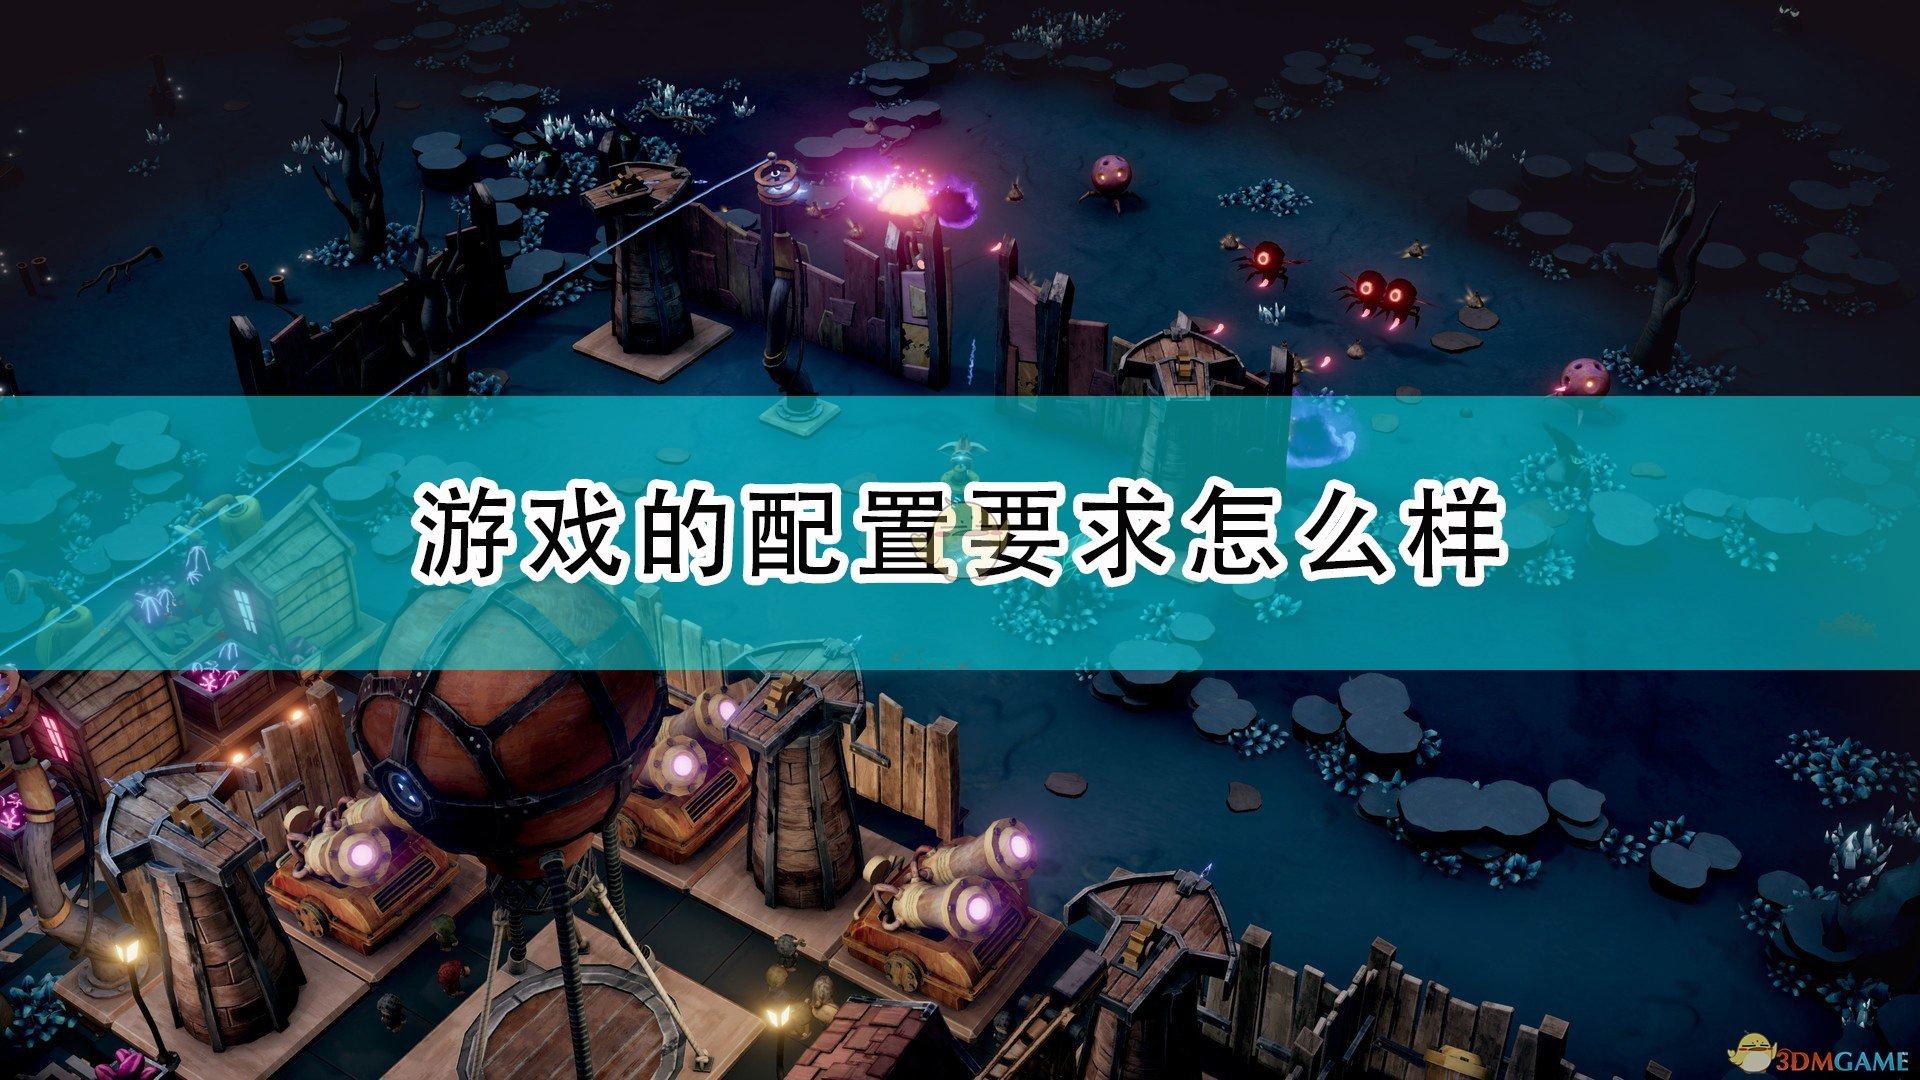 《梦幻引擎:游牧城市》游戏配置要求一览